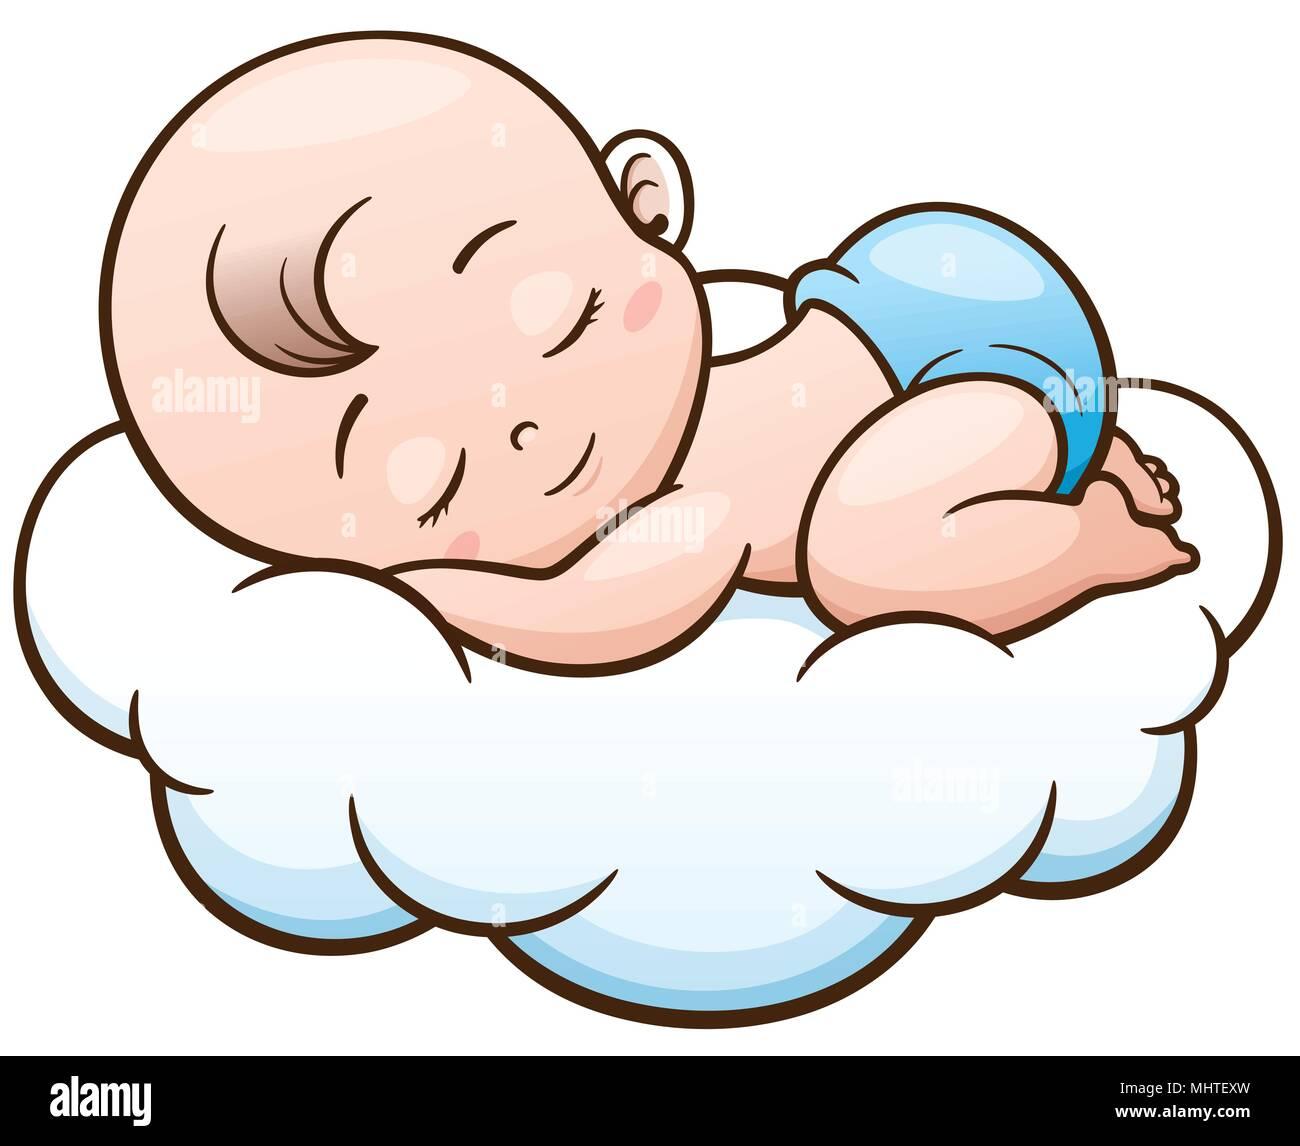 Ilustración Vectorial De Dibujos Animados Bebe Durmiendo En Una Nube Imagen Vector De Stock Alamy